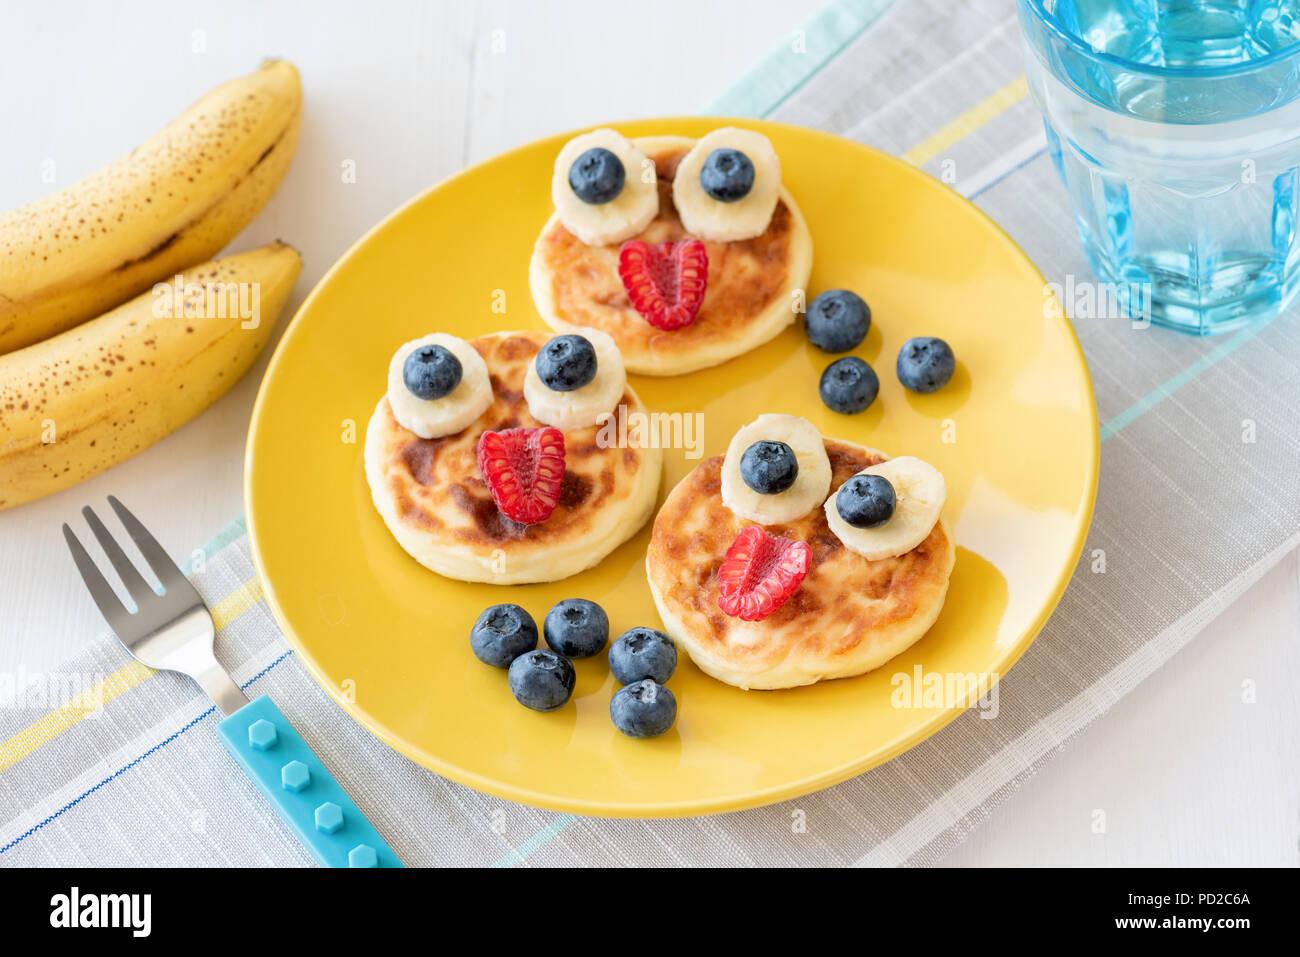 Comida divertida para los niños. Tortitas con rostros de animales divertidos en coloridos placa amarilla. Kids Meal. Enfoque selectivo Imagen De Stock